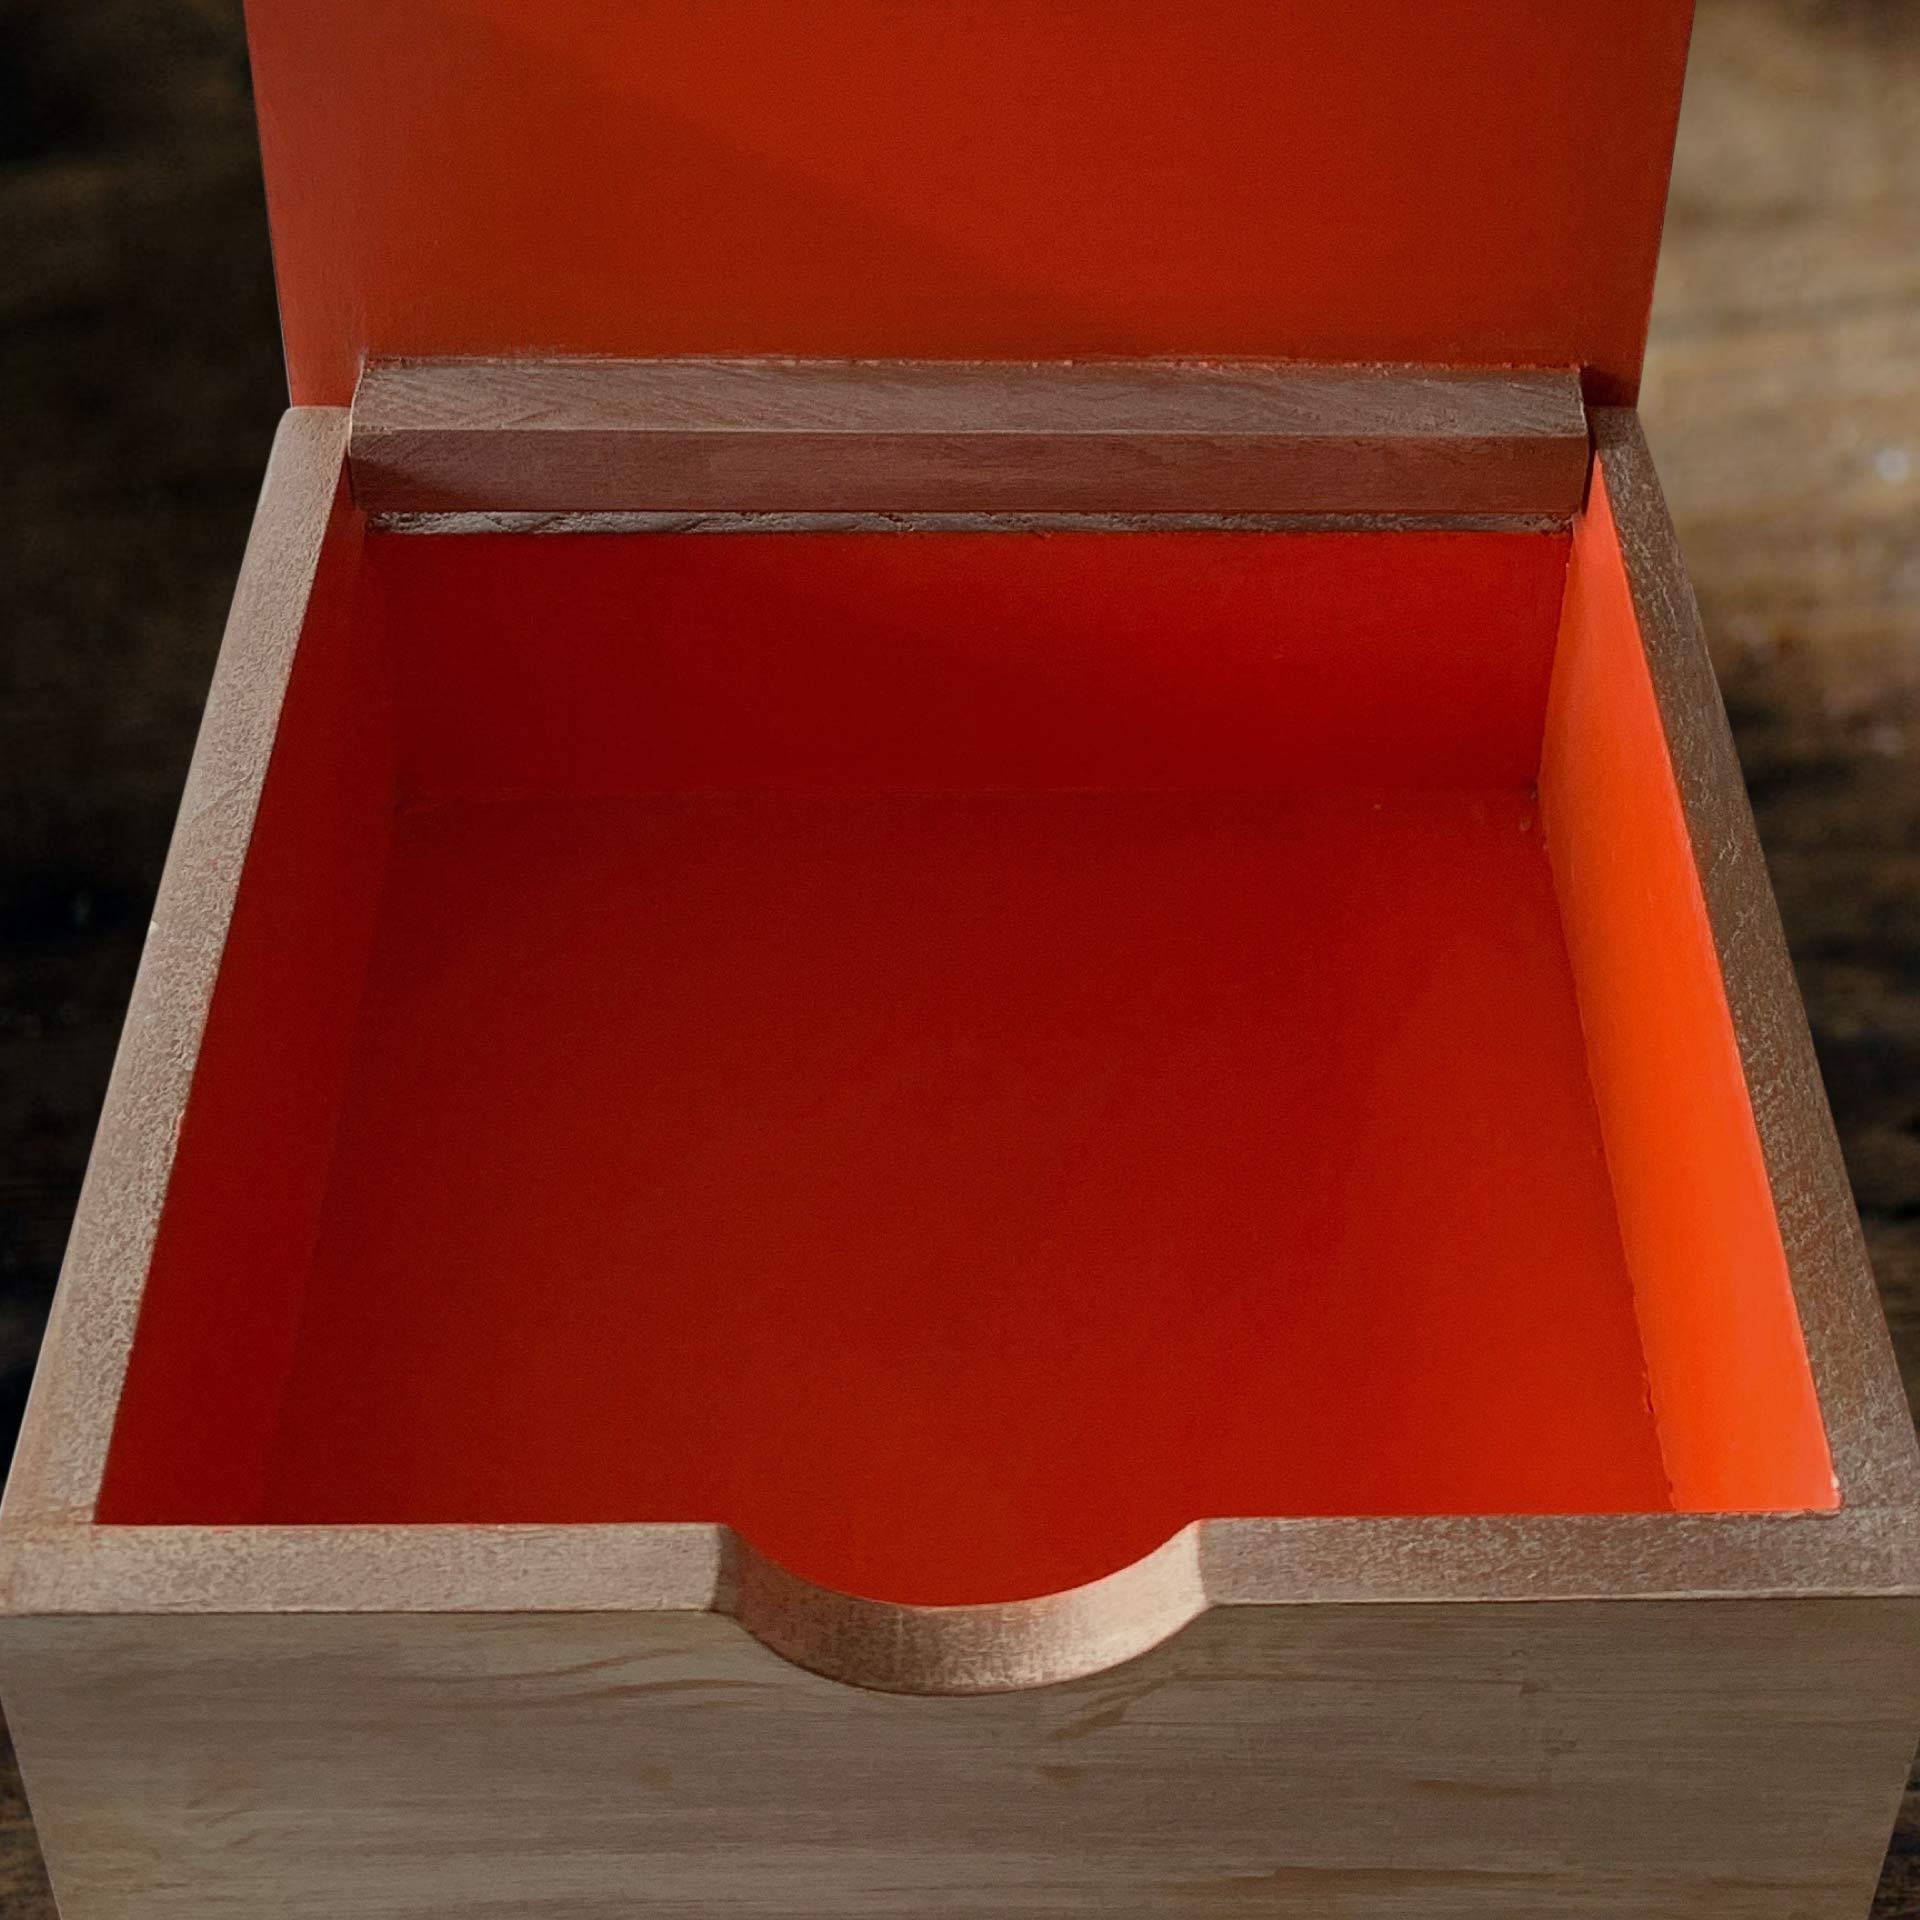 Caja de madera de color amarillo para guardar sobres de Té con la tapa abierta, en el interiori esta vacia y es de color naranja.